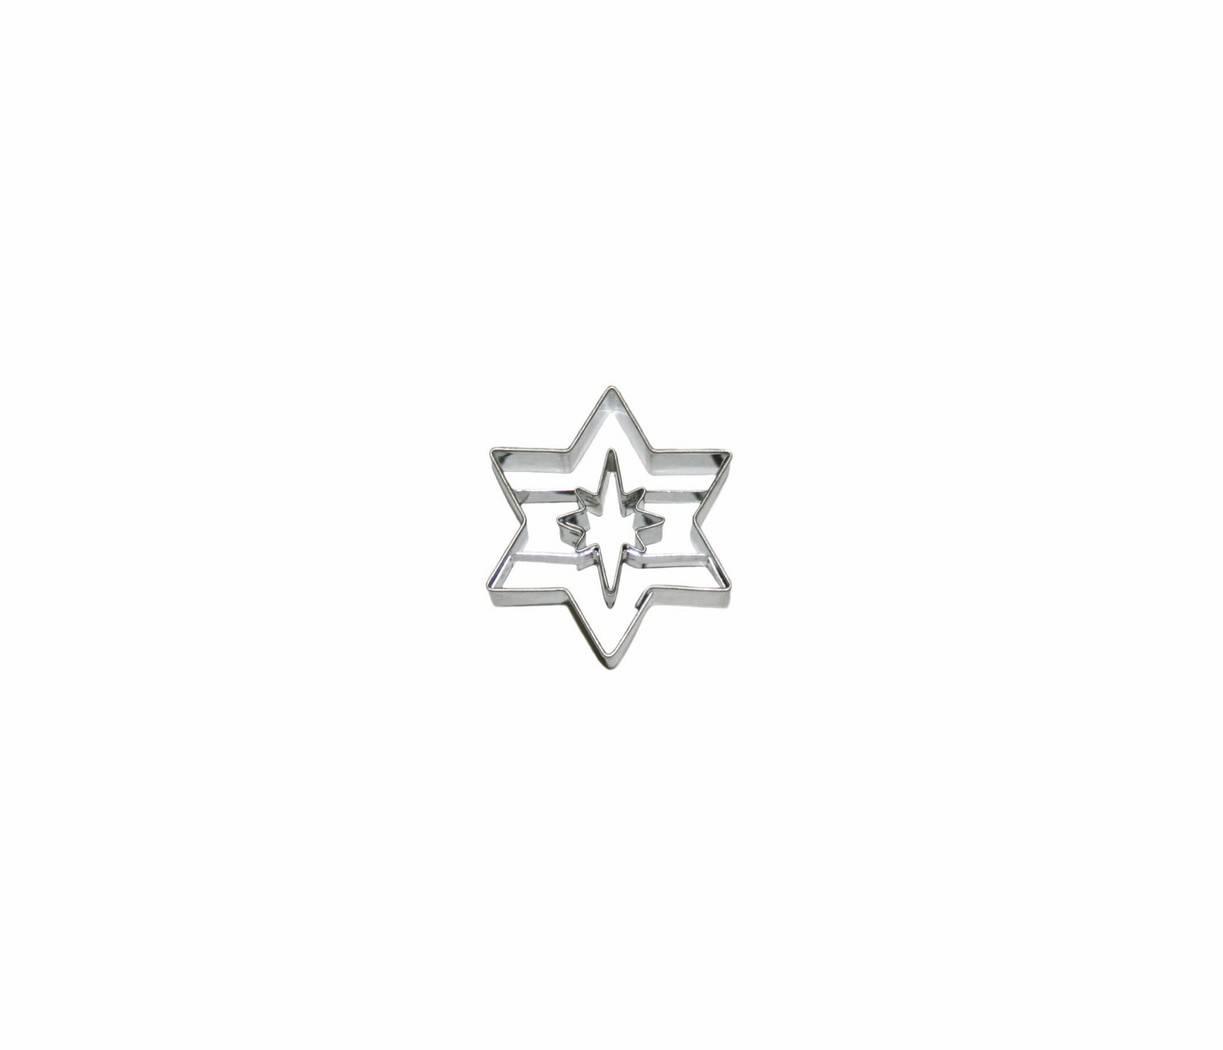 Vykrajovátko hvězda 8 cípů s volným středem - Smolík